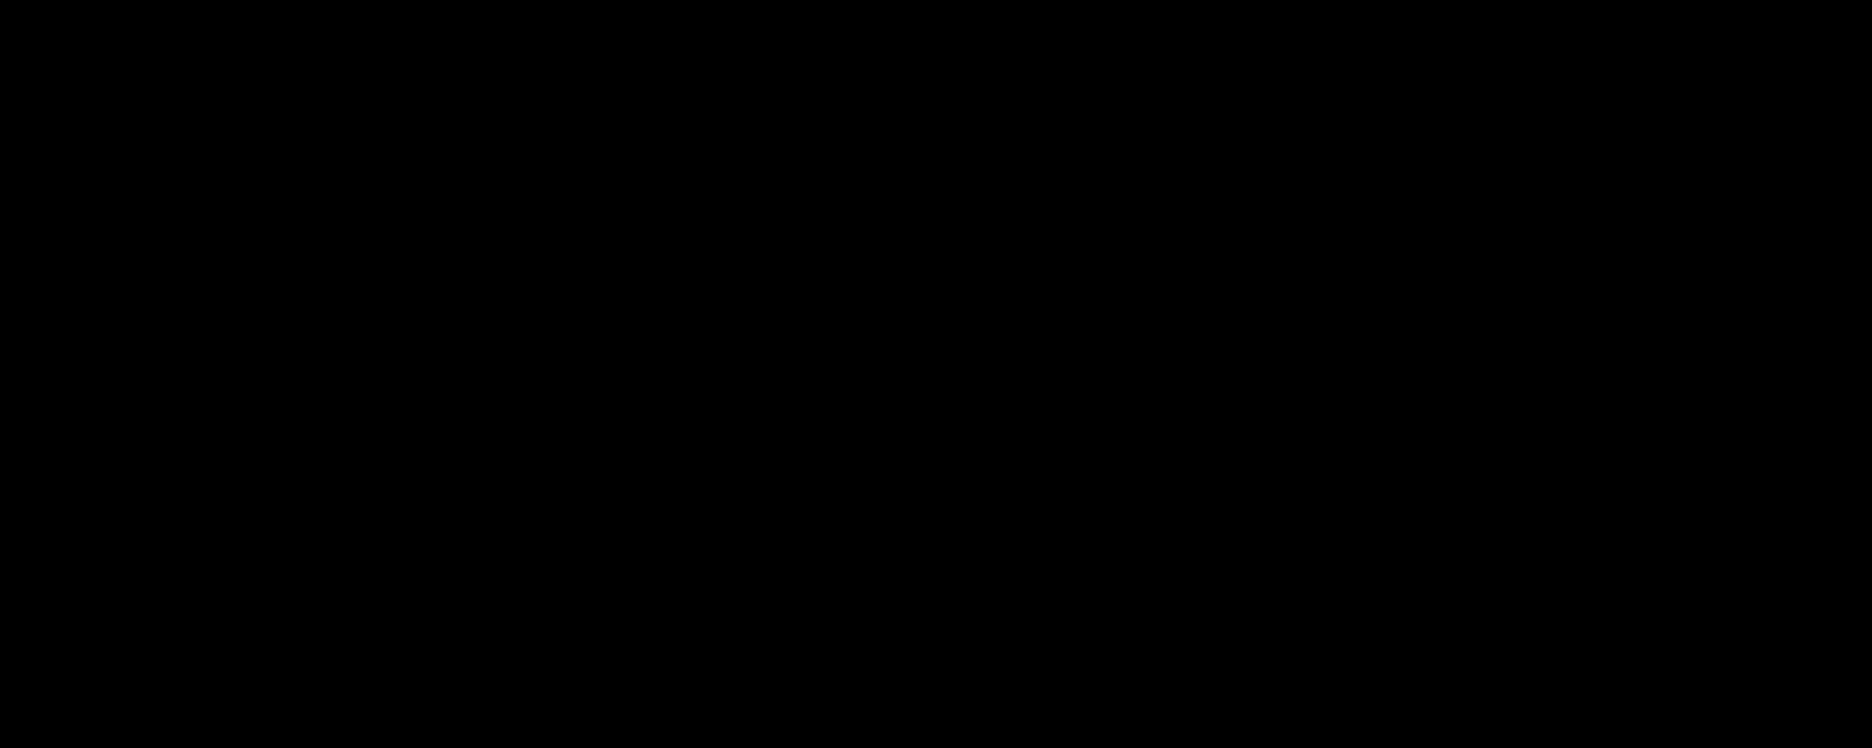 v6 zoom web